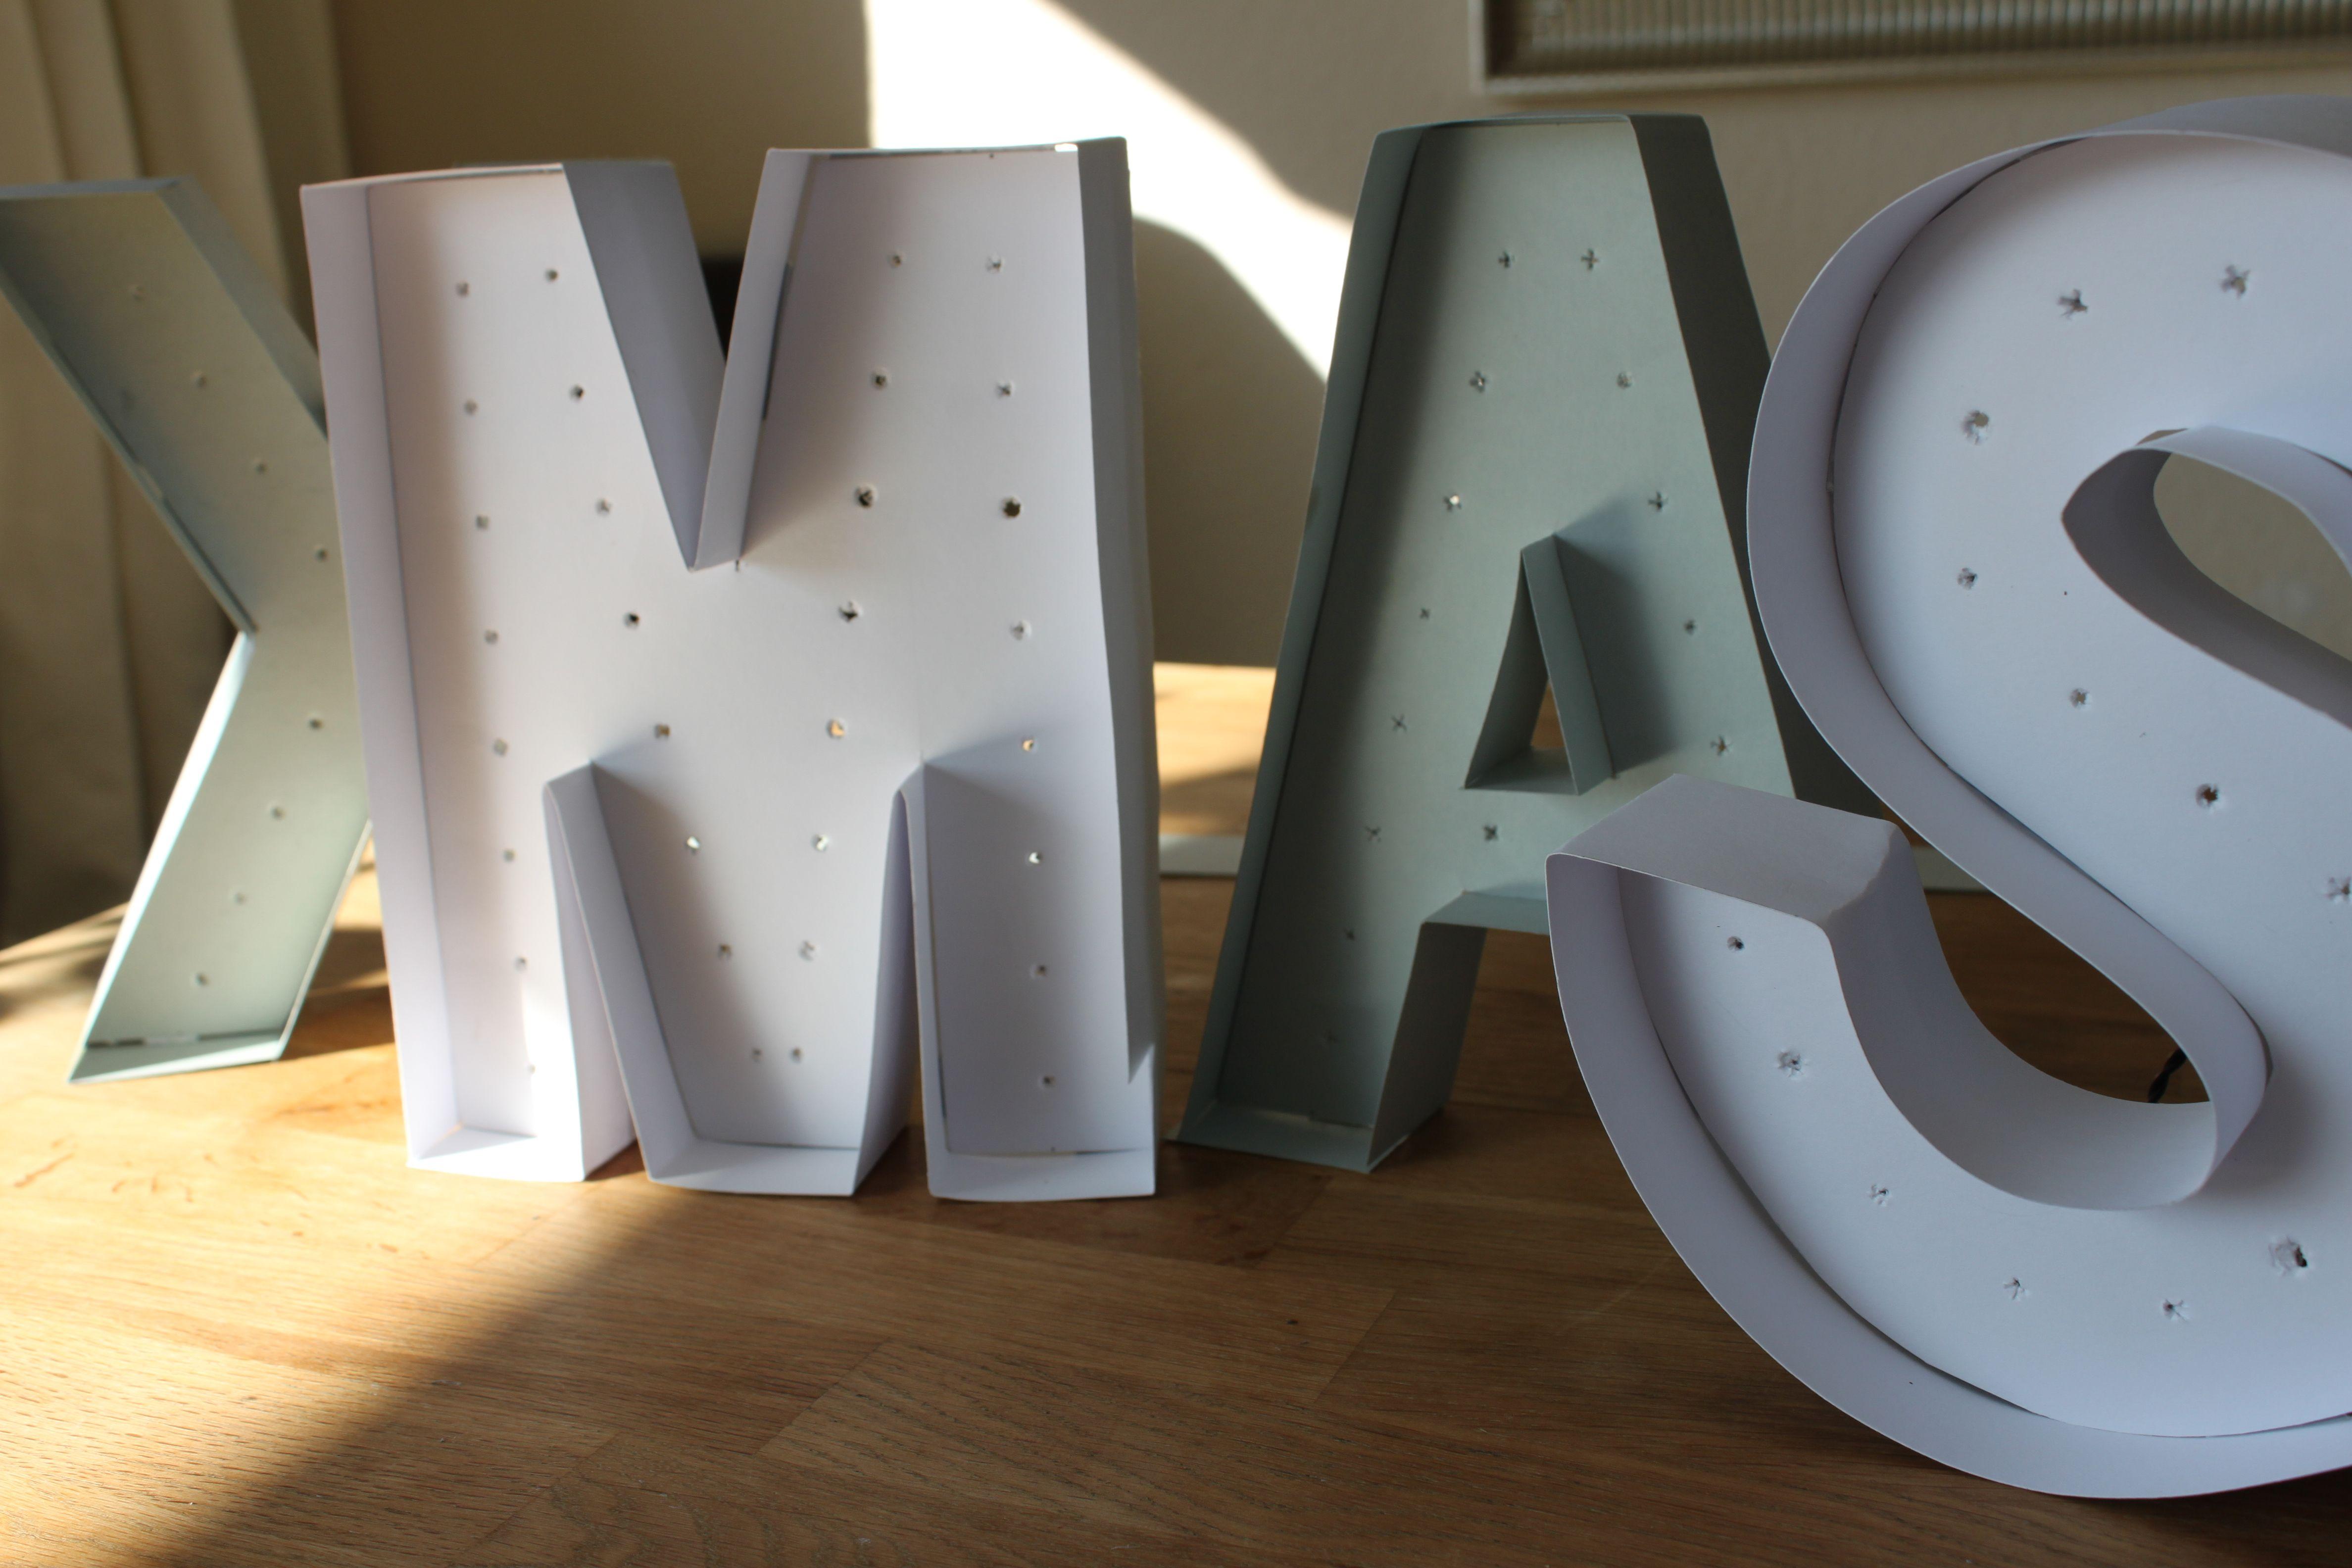 Idee Deko Lichter Leucht Buchstaben aus Pappe selbst gebastelt DIY. Initialien, I Love U, Me & U bastel Dir deine Leuchtbuchstaben.